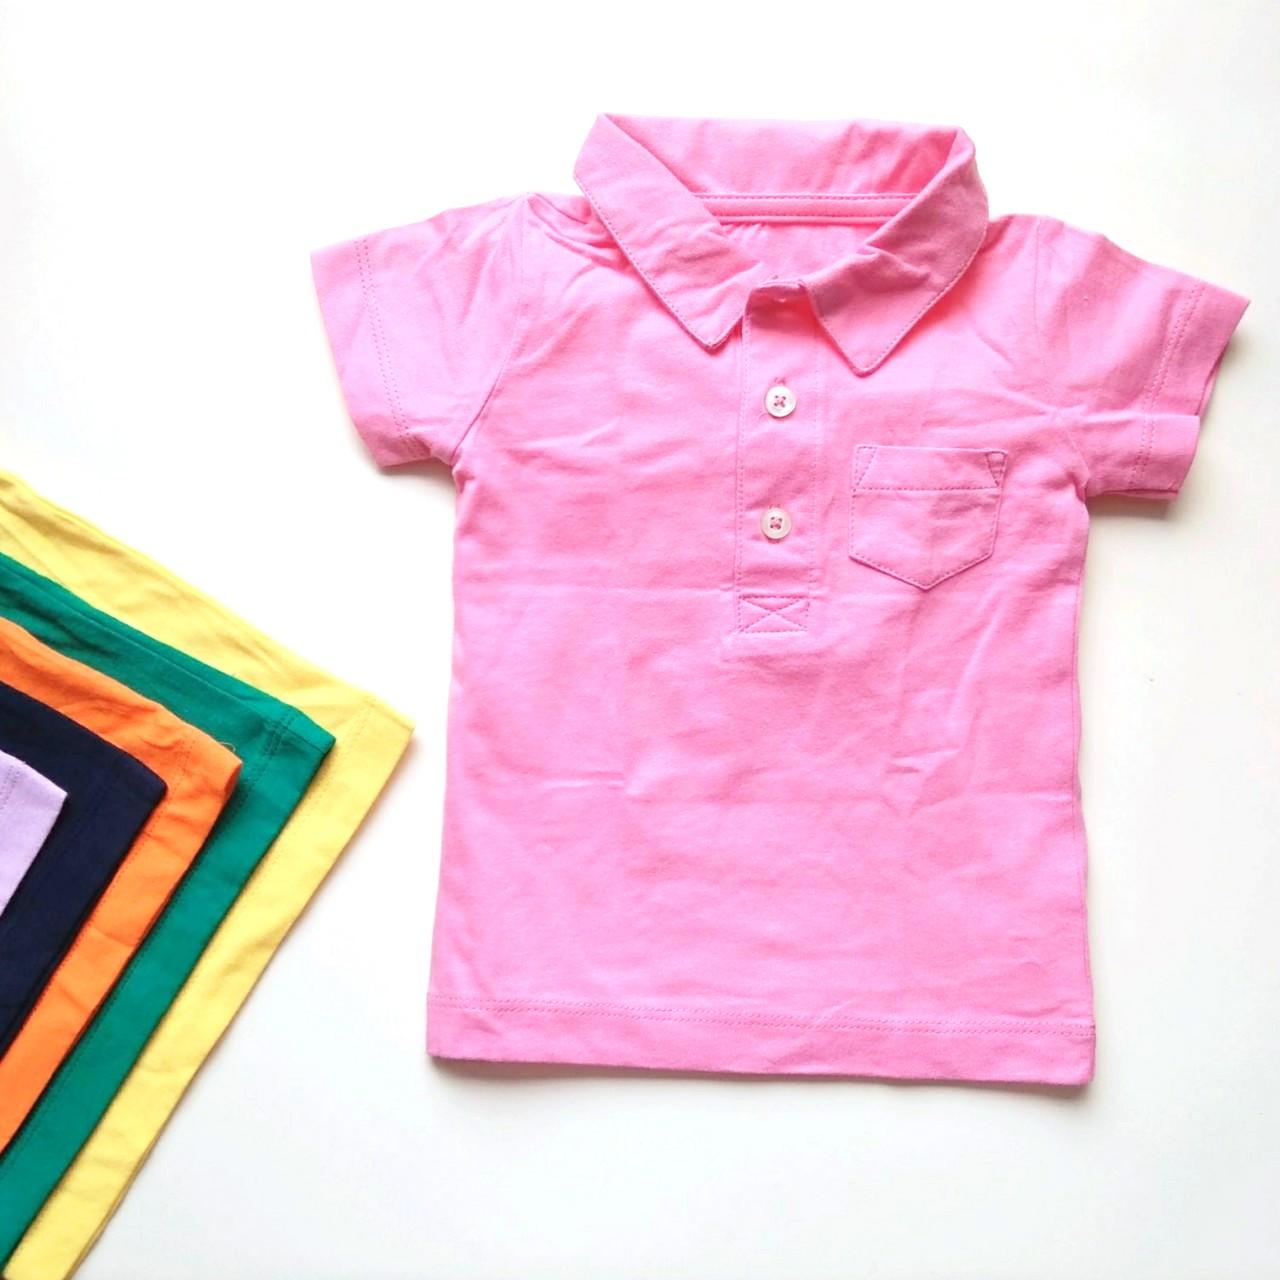 CHỌN MẪU Áo thun bé trai bé gái cổ đức mềm mát, bộ quần áo trẻ em kiểu polo xuất dư mùa hè cho bé